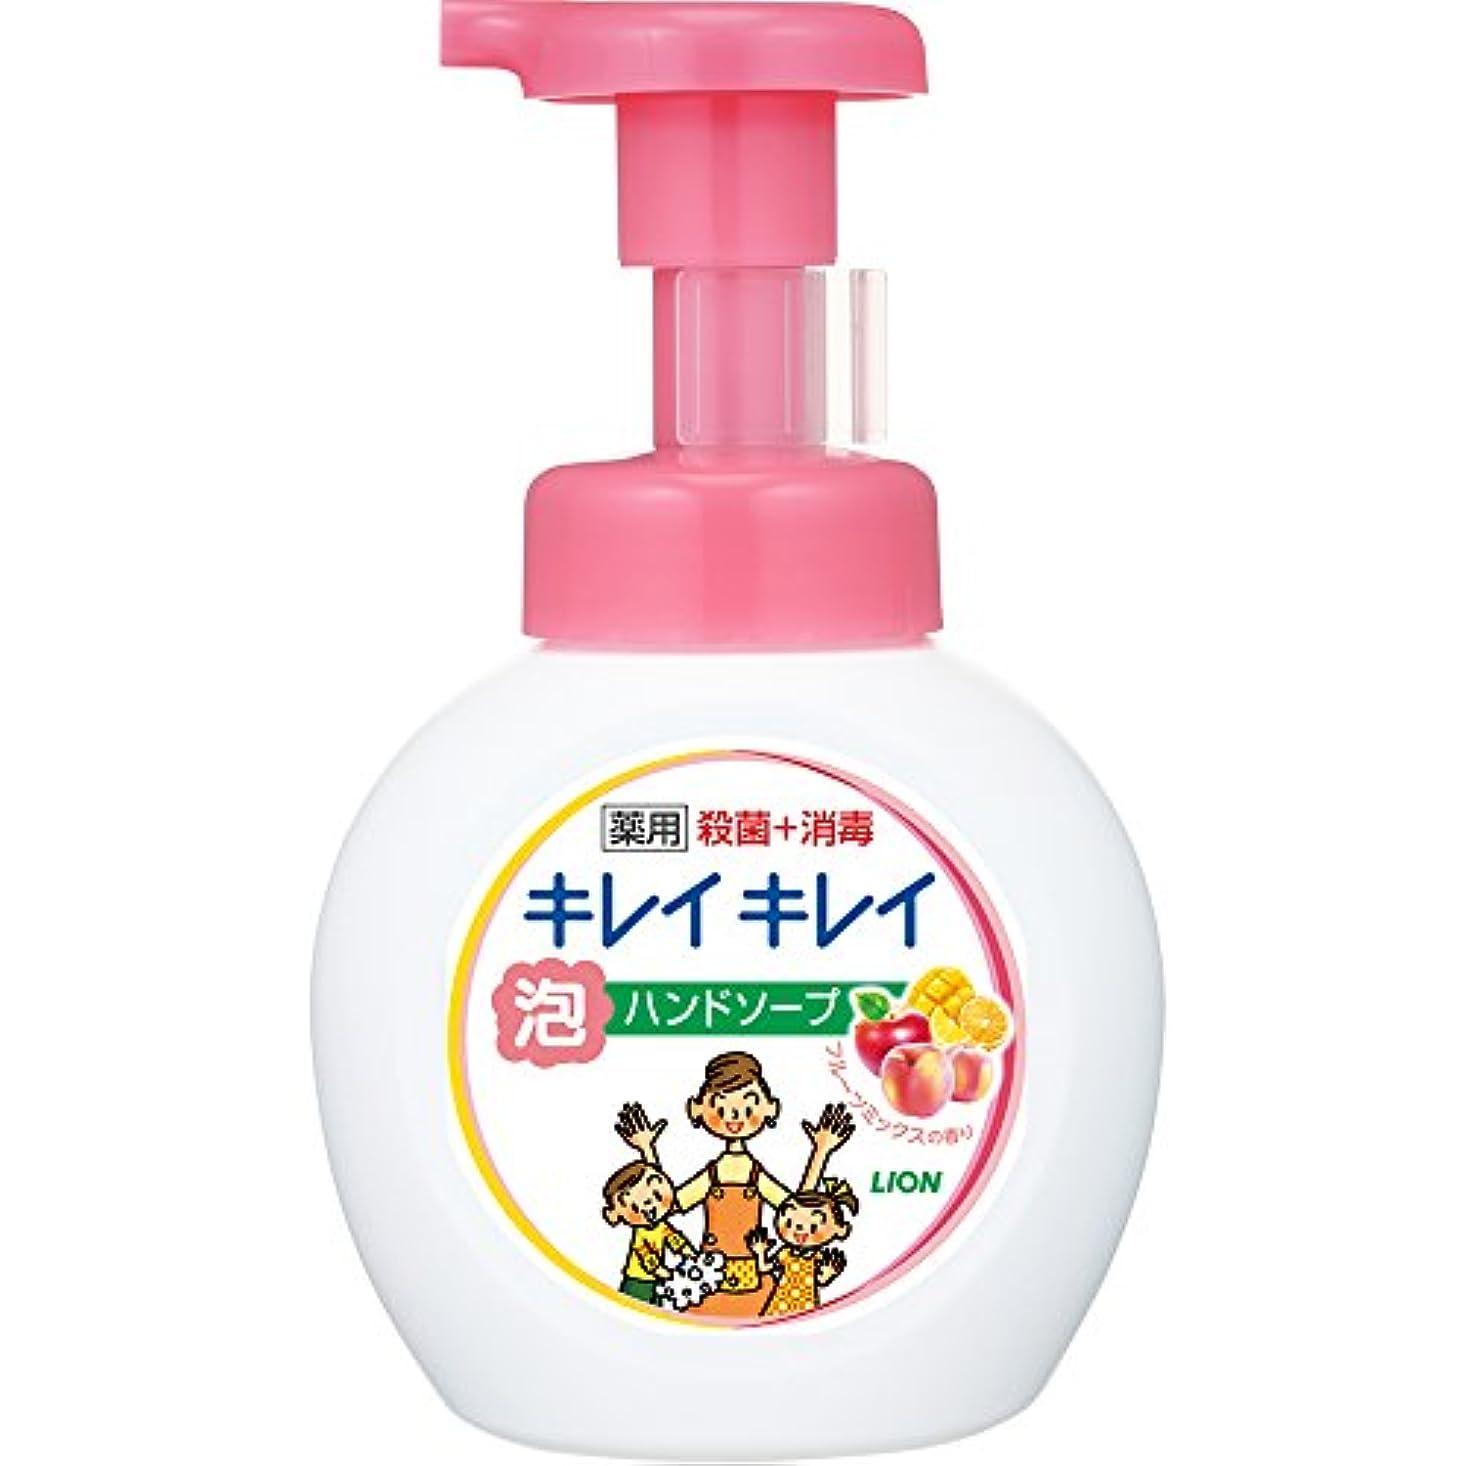 苦しみ会社拷問キレイキレイ 薬用 泡ハンドソープ フルーツミックスの香り ポンプ 250ml(医薬部外品)